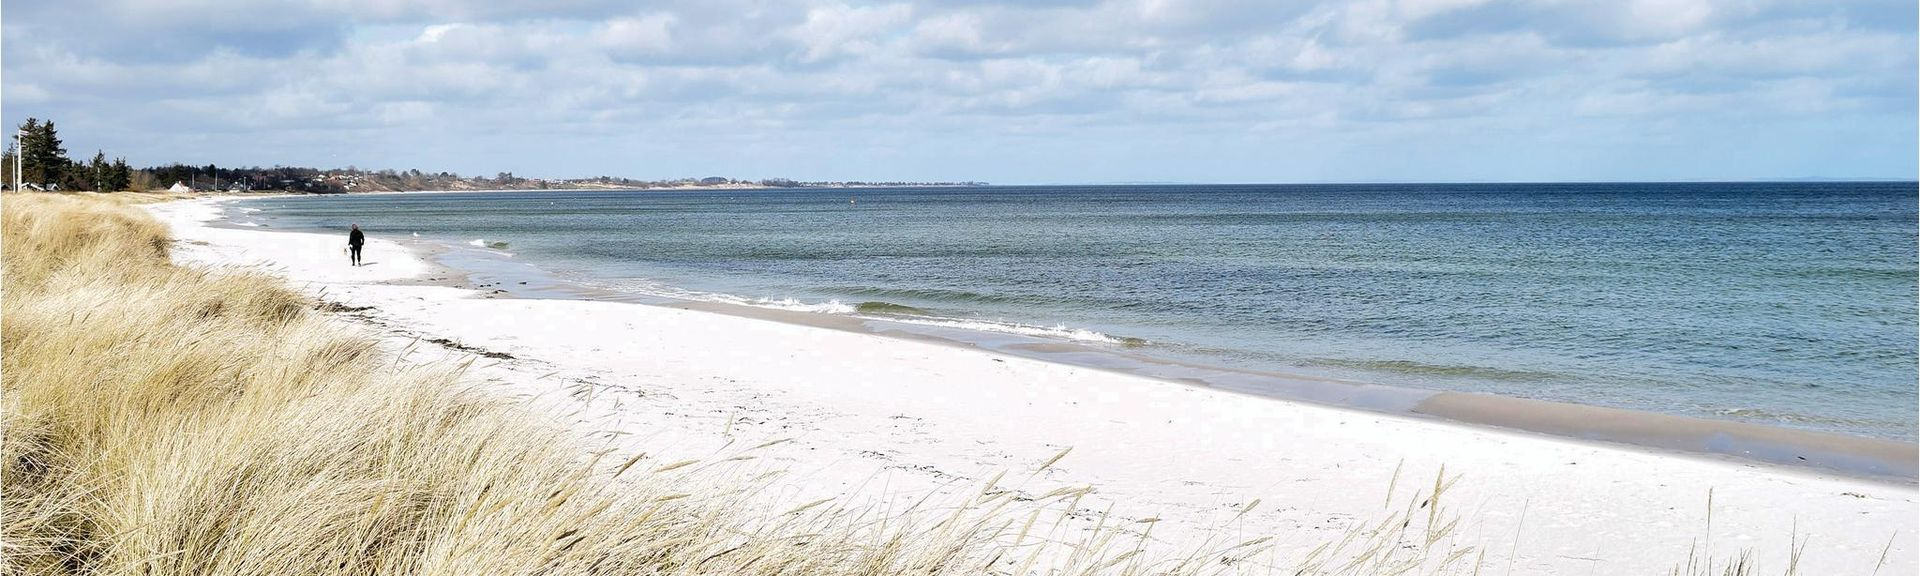 Hou, Denmark, Odder Municipality, Denmark